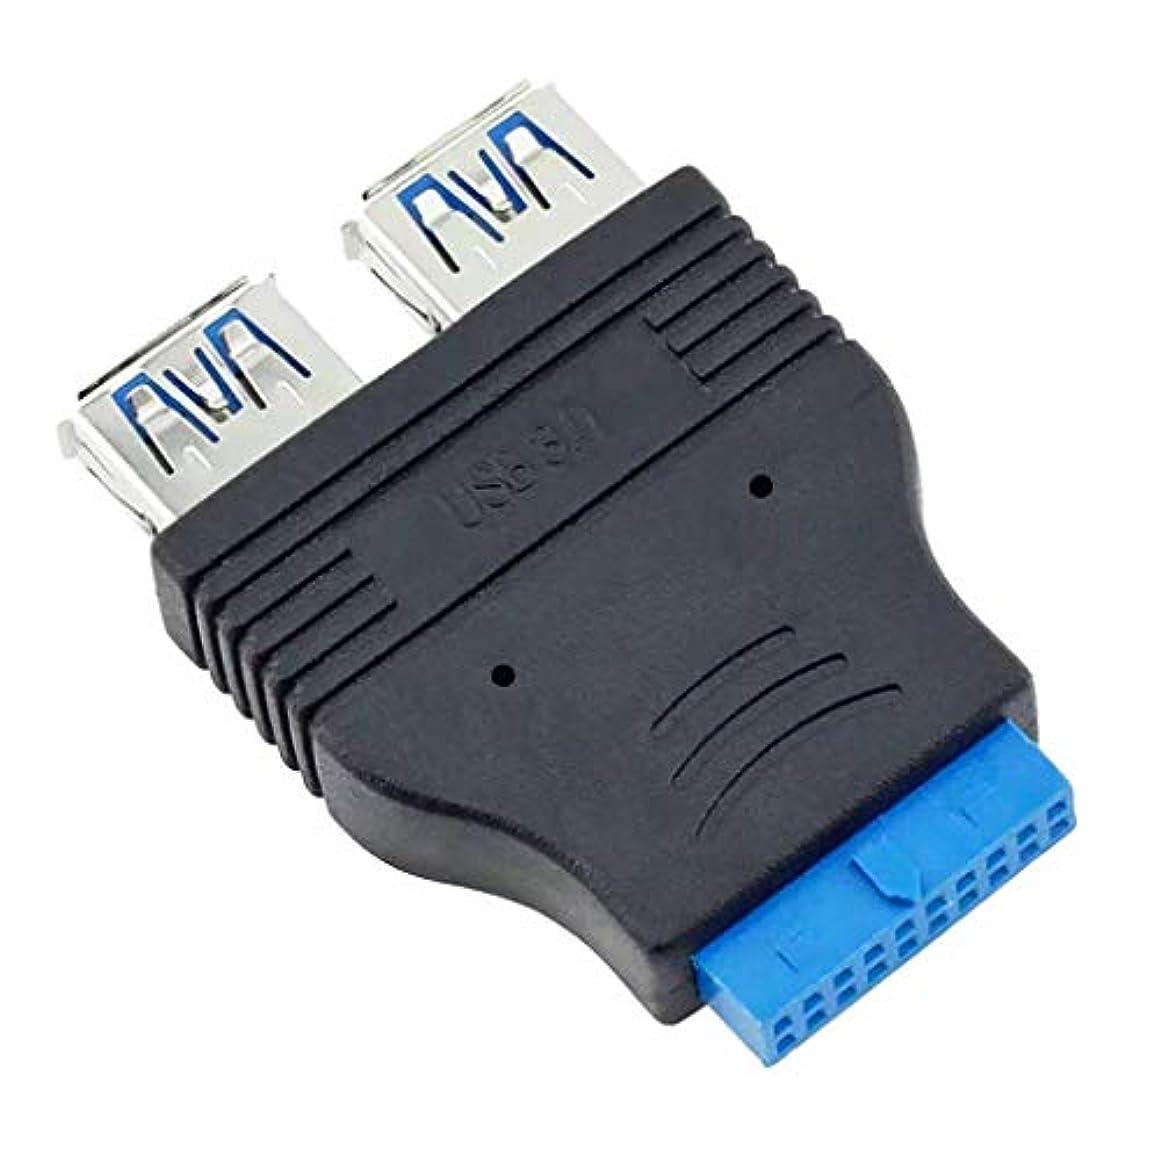 欠点カートン期限Almencla USB 3.0 メス to マザーボード ヘッダー 2ポート 20ピン 変換アダプタ